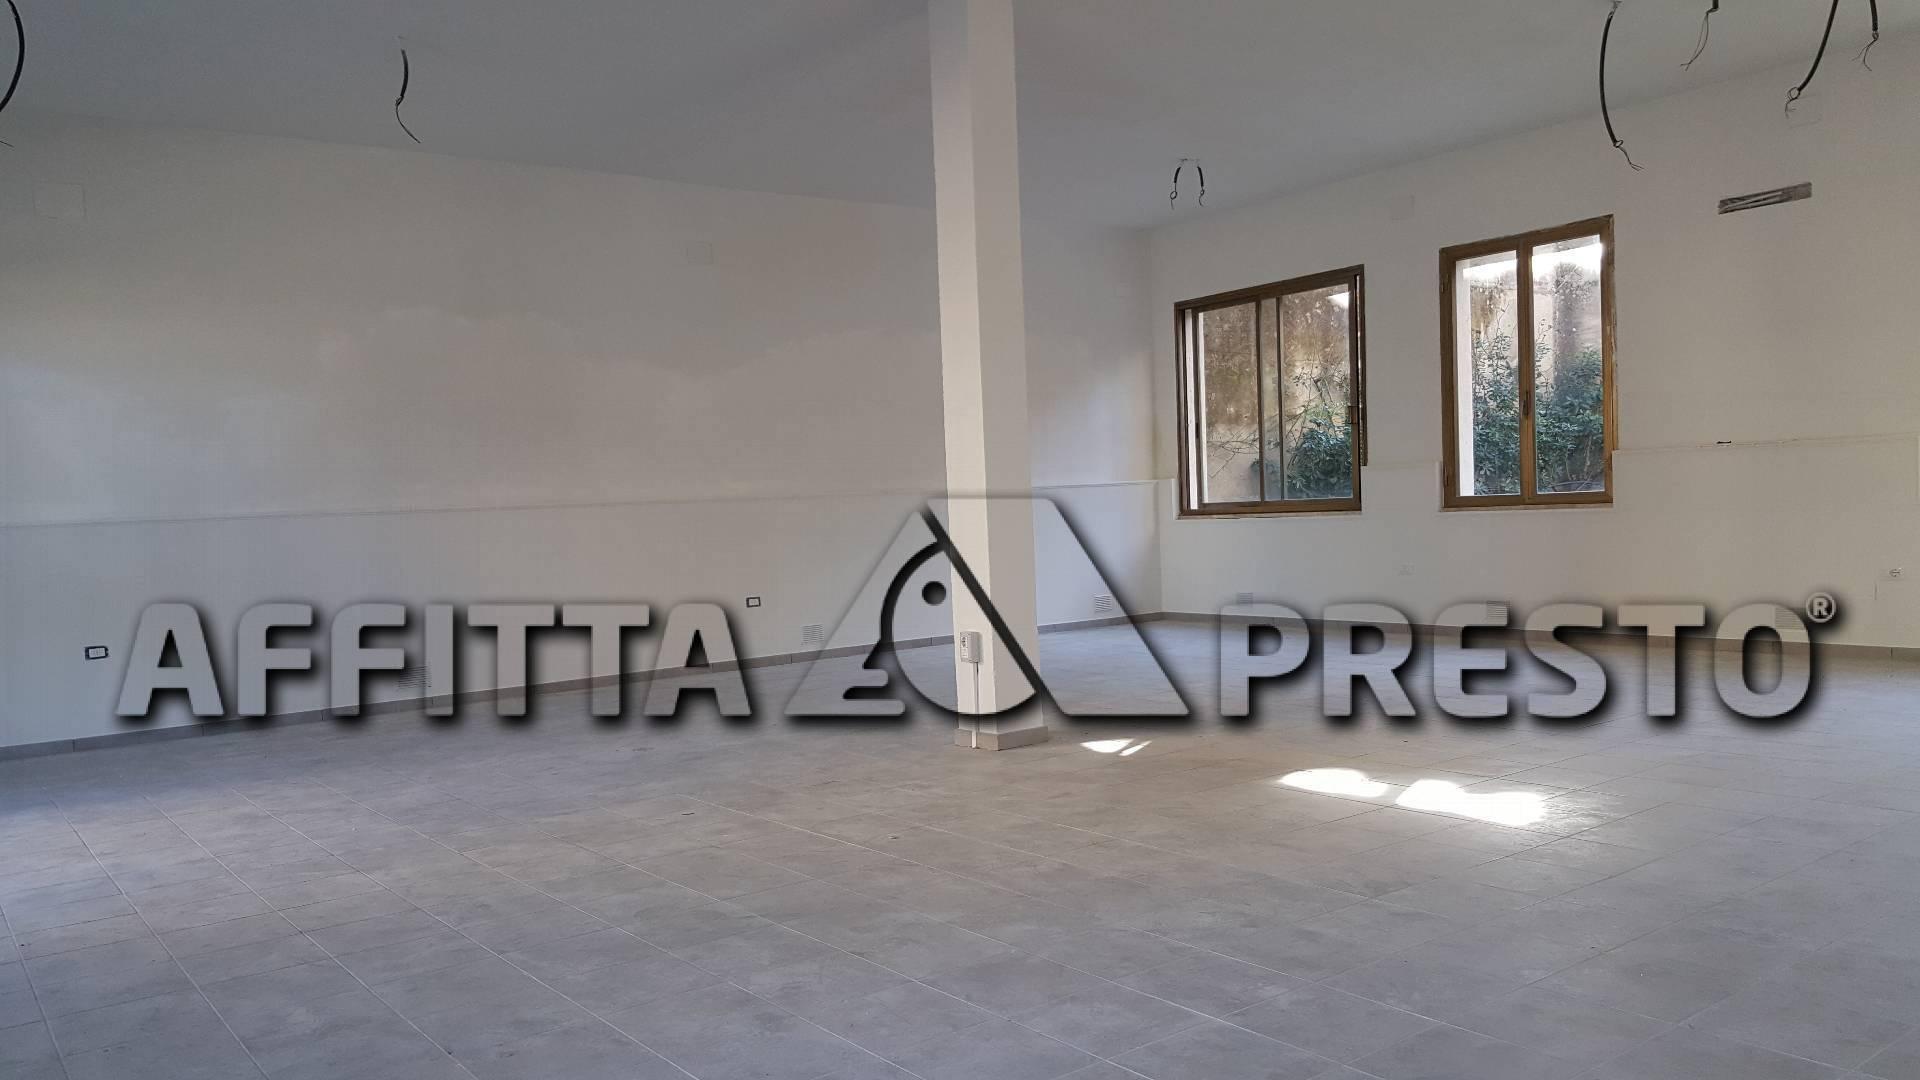 Attività / Licenza in affitto a Castelfranco di Sotto, 9999 locali, prezzo € 1.500 | CambioCasa.it